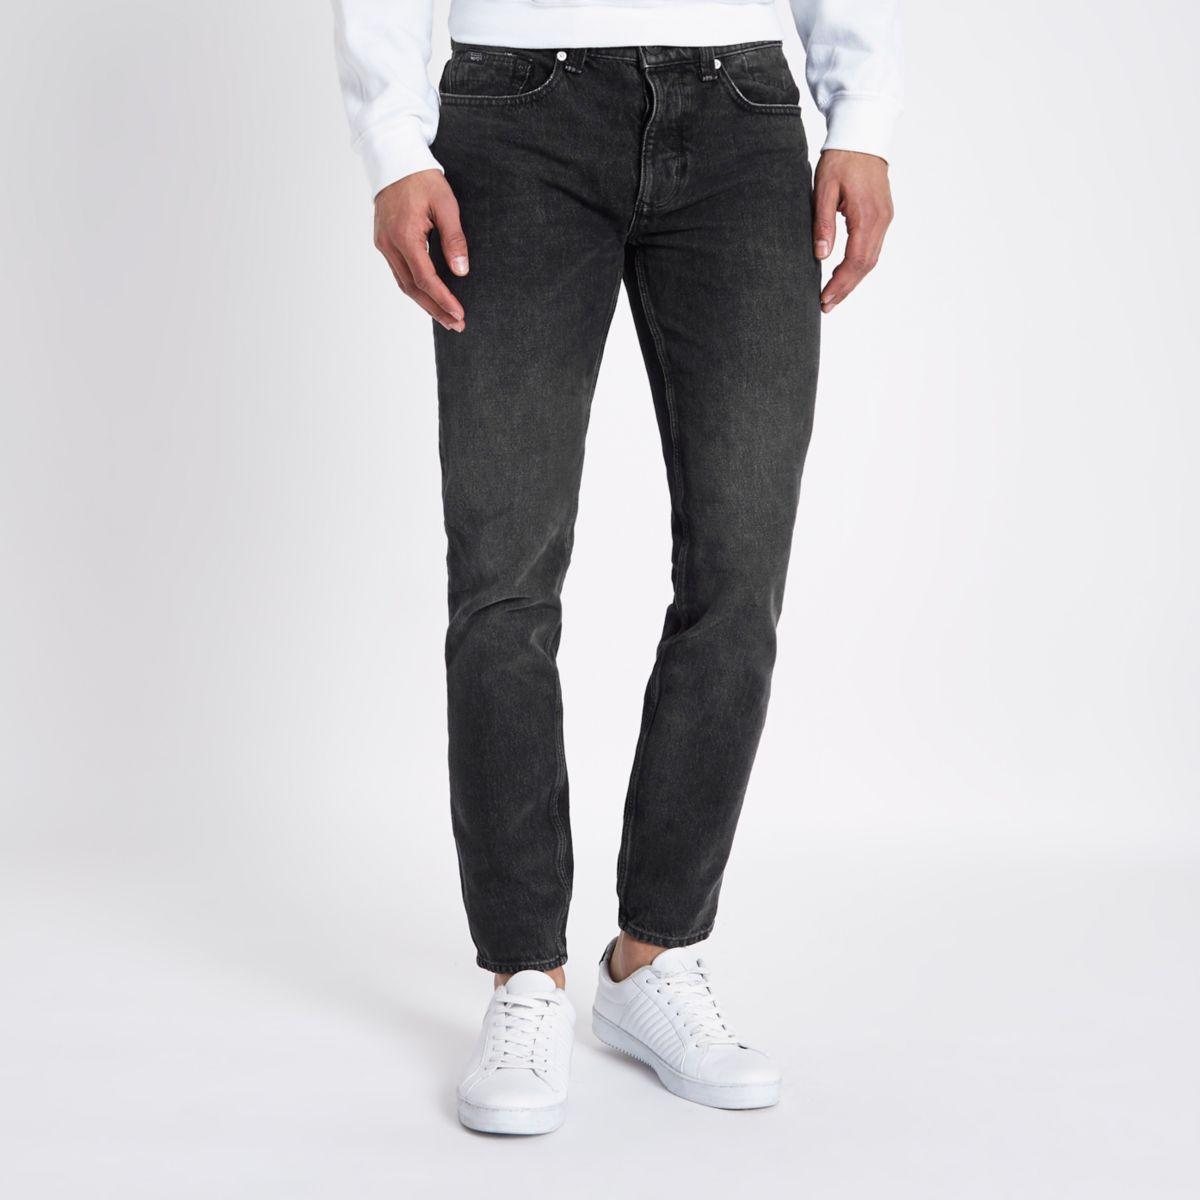 Schwarze, dehnbare Skinny Jeans